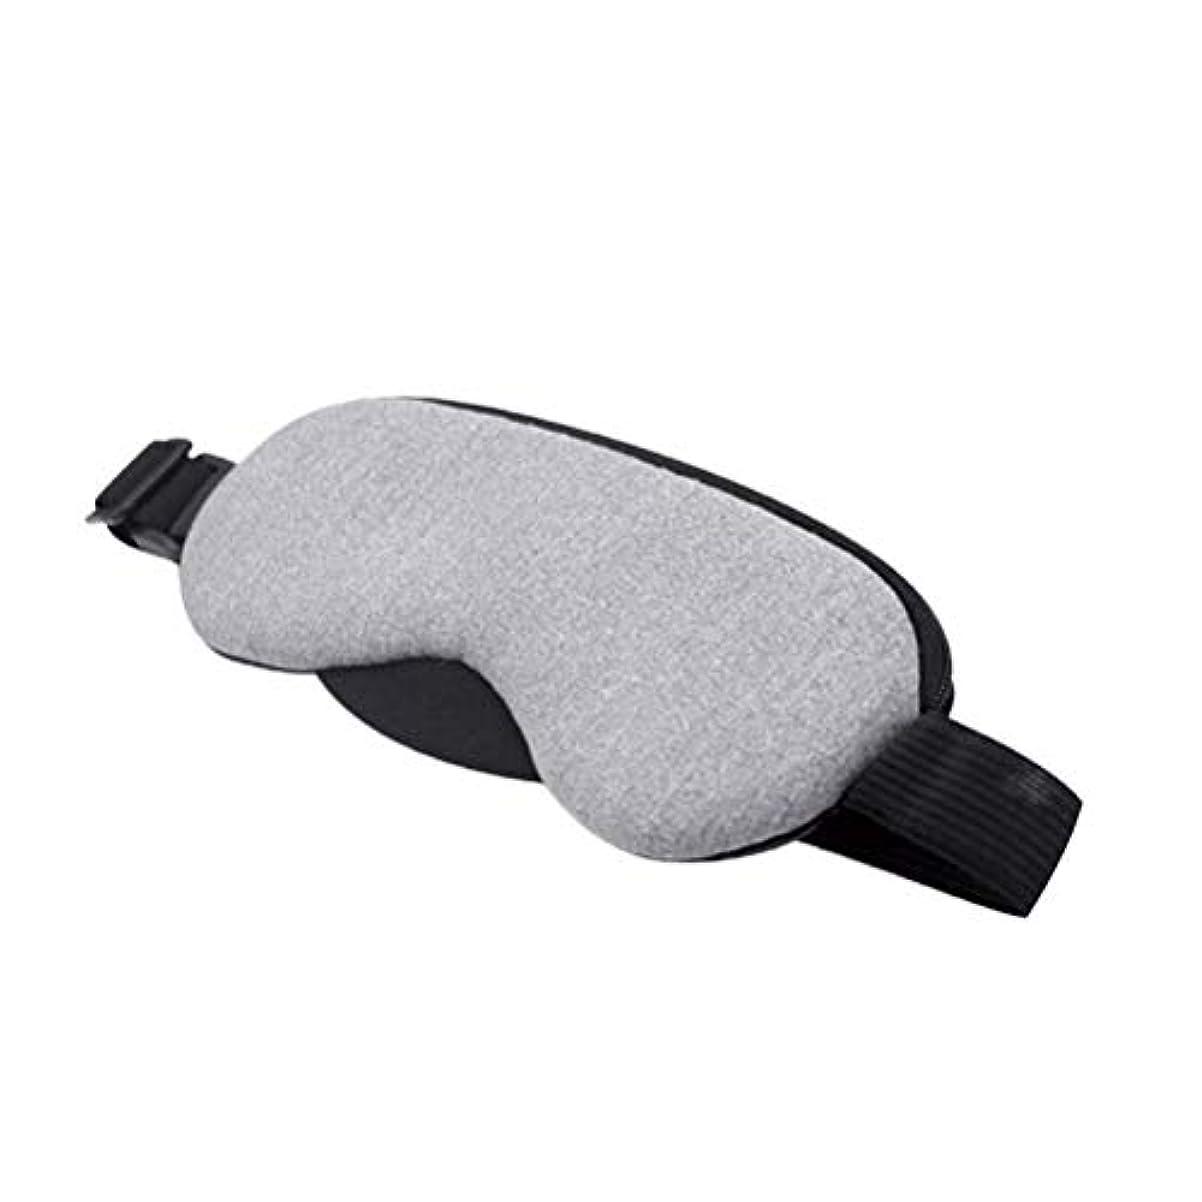 入手します偽善崇拝するHealifty アイマスク 蒸気ホットアイマスク USB 加熱式 スリーピングアイマスク 温度とタイミング制御 吹き出物/乾燥/疲れた目(灰色)